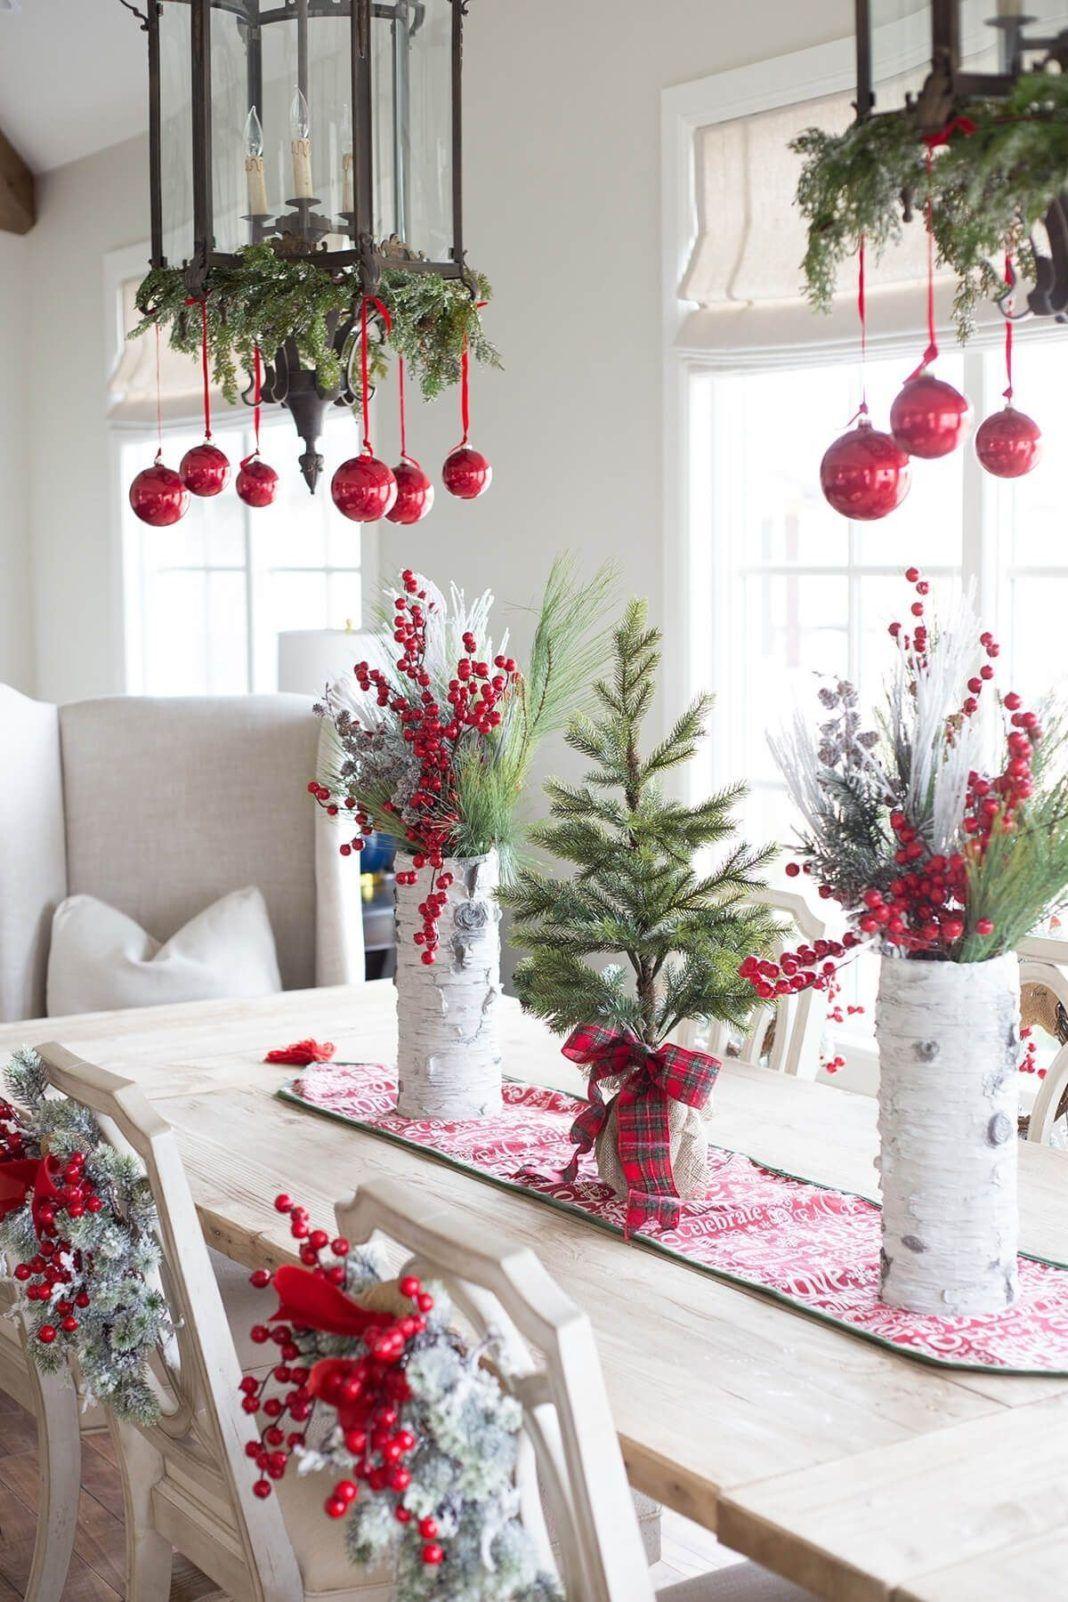 , 45+1 Ιδέες Χριστουγεννιάτικης Διακόσμησης για το Σαλόνι, που ασκούν γοητεία!!